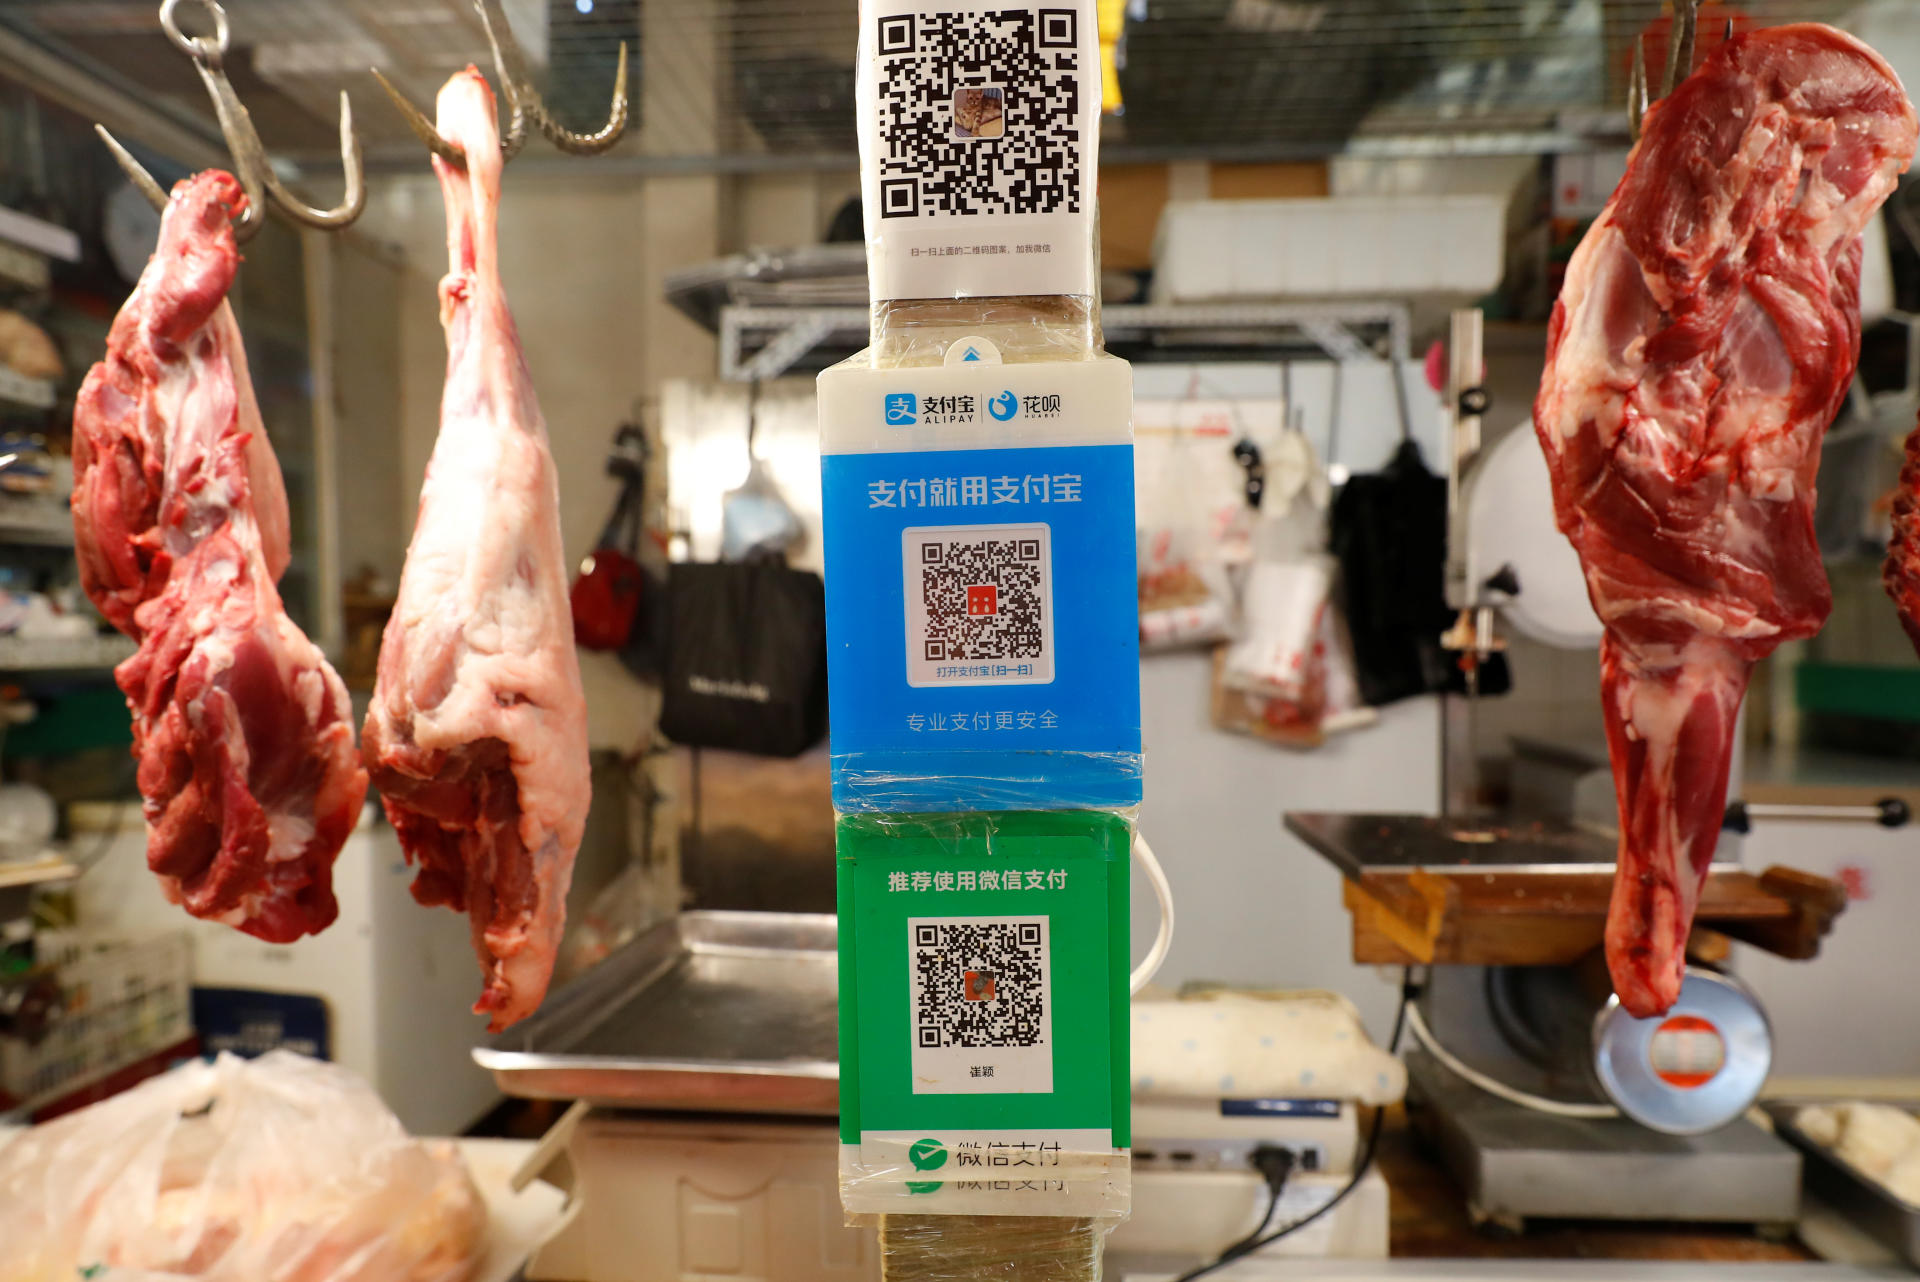 Des QR codes dans un marché de Pékin